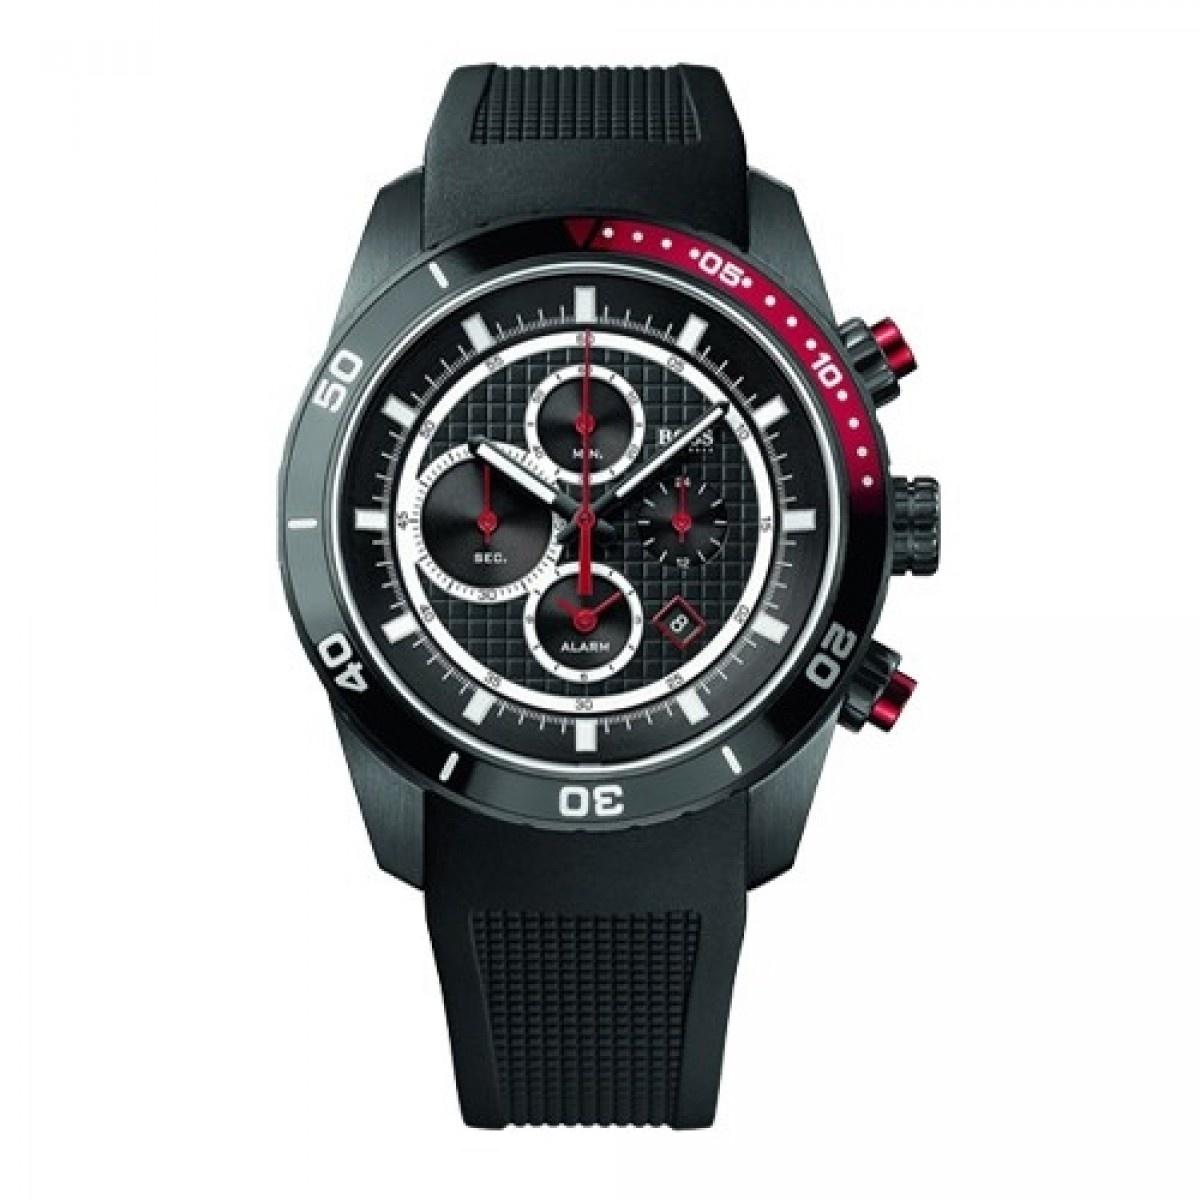 c077eb6db87 Hugo Boss HB1512661 Herenhorloge - tot 65% korting| Wowwatch.nl